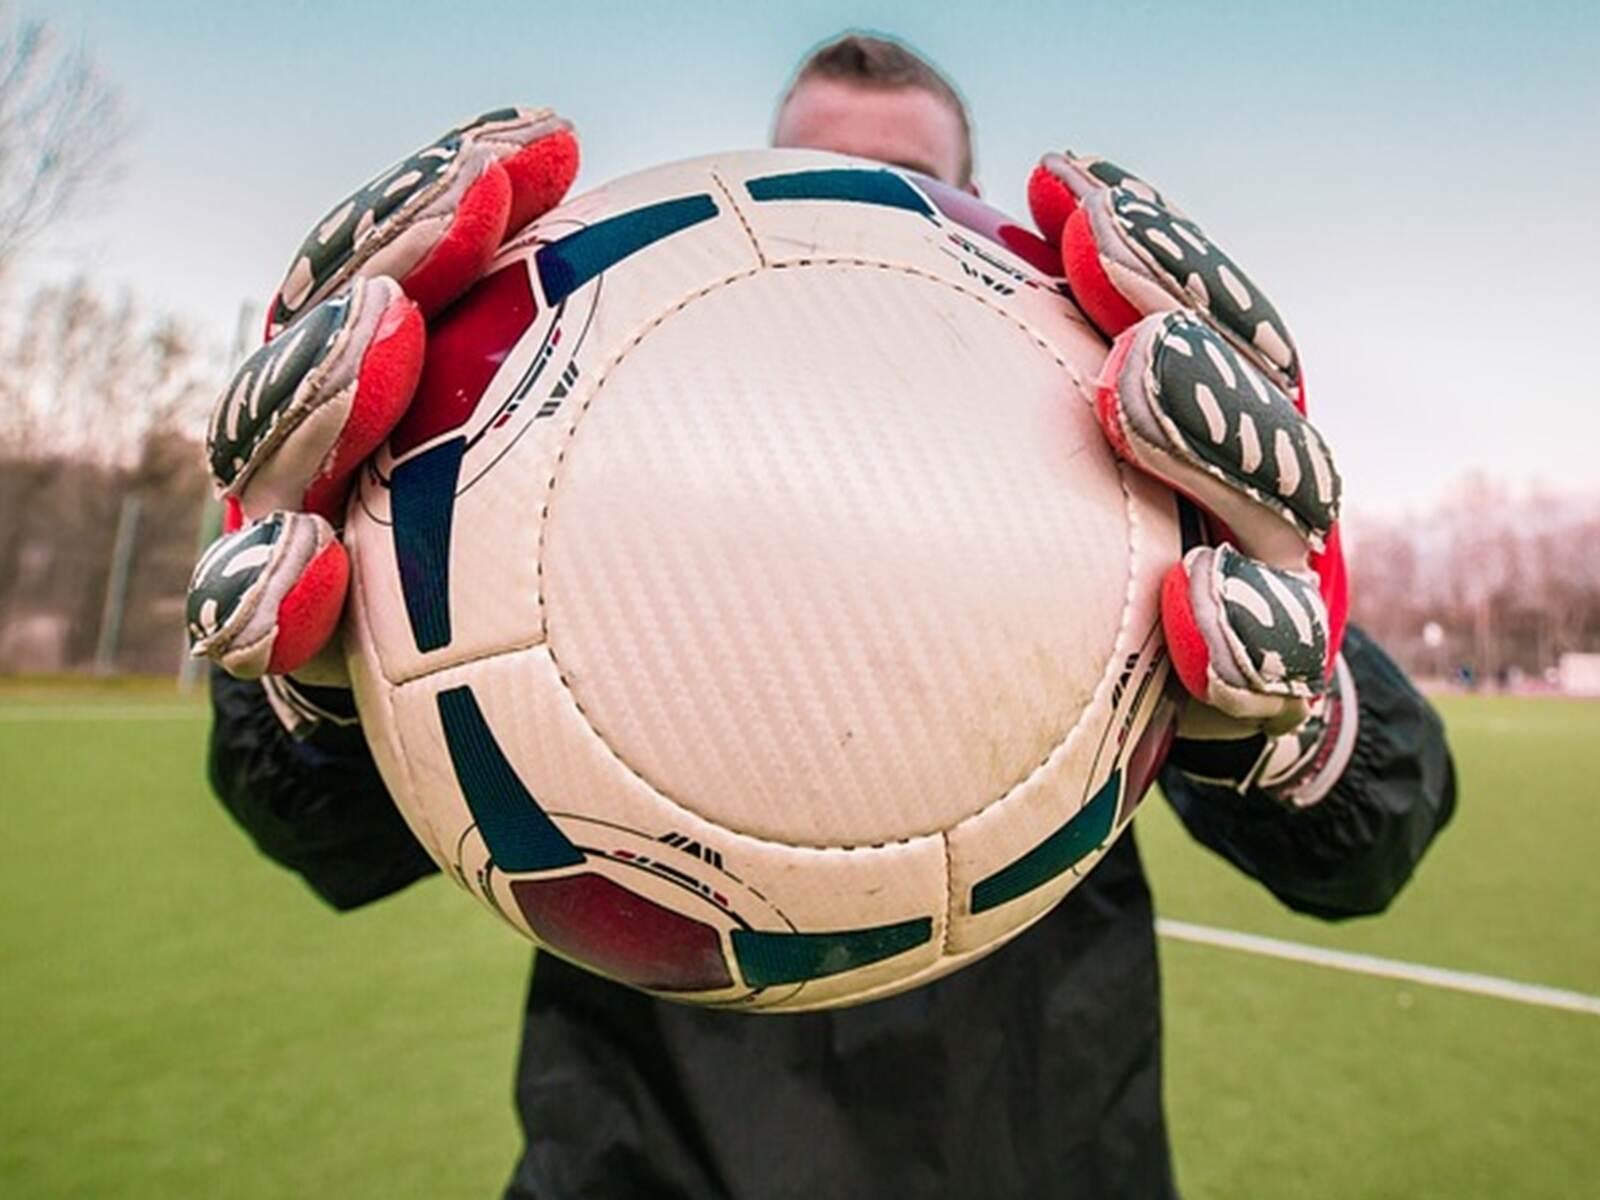 Landesliga: Ispringen erhofft Remis, Grunbach läuft runder - Pforzheimer Zeitung